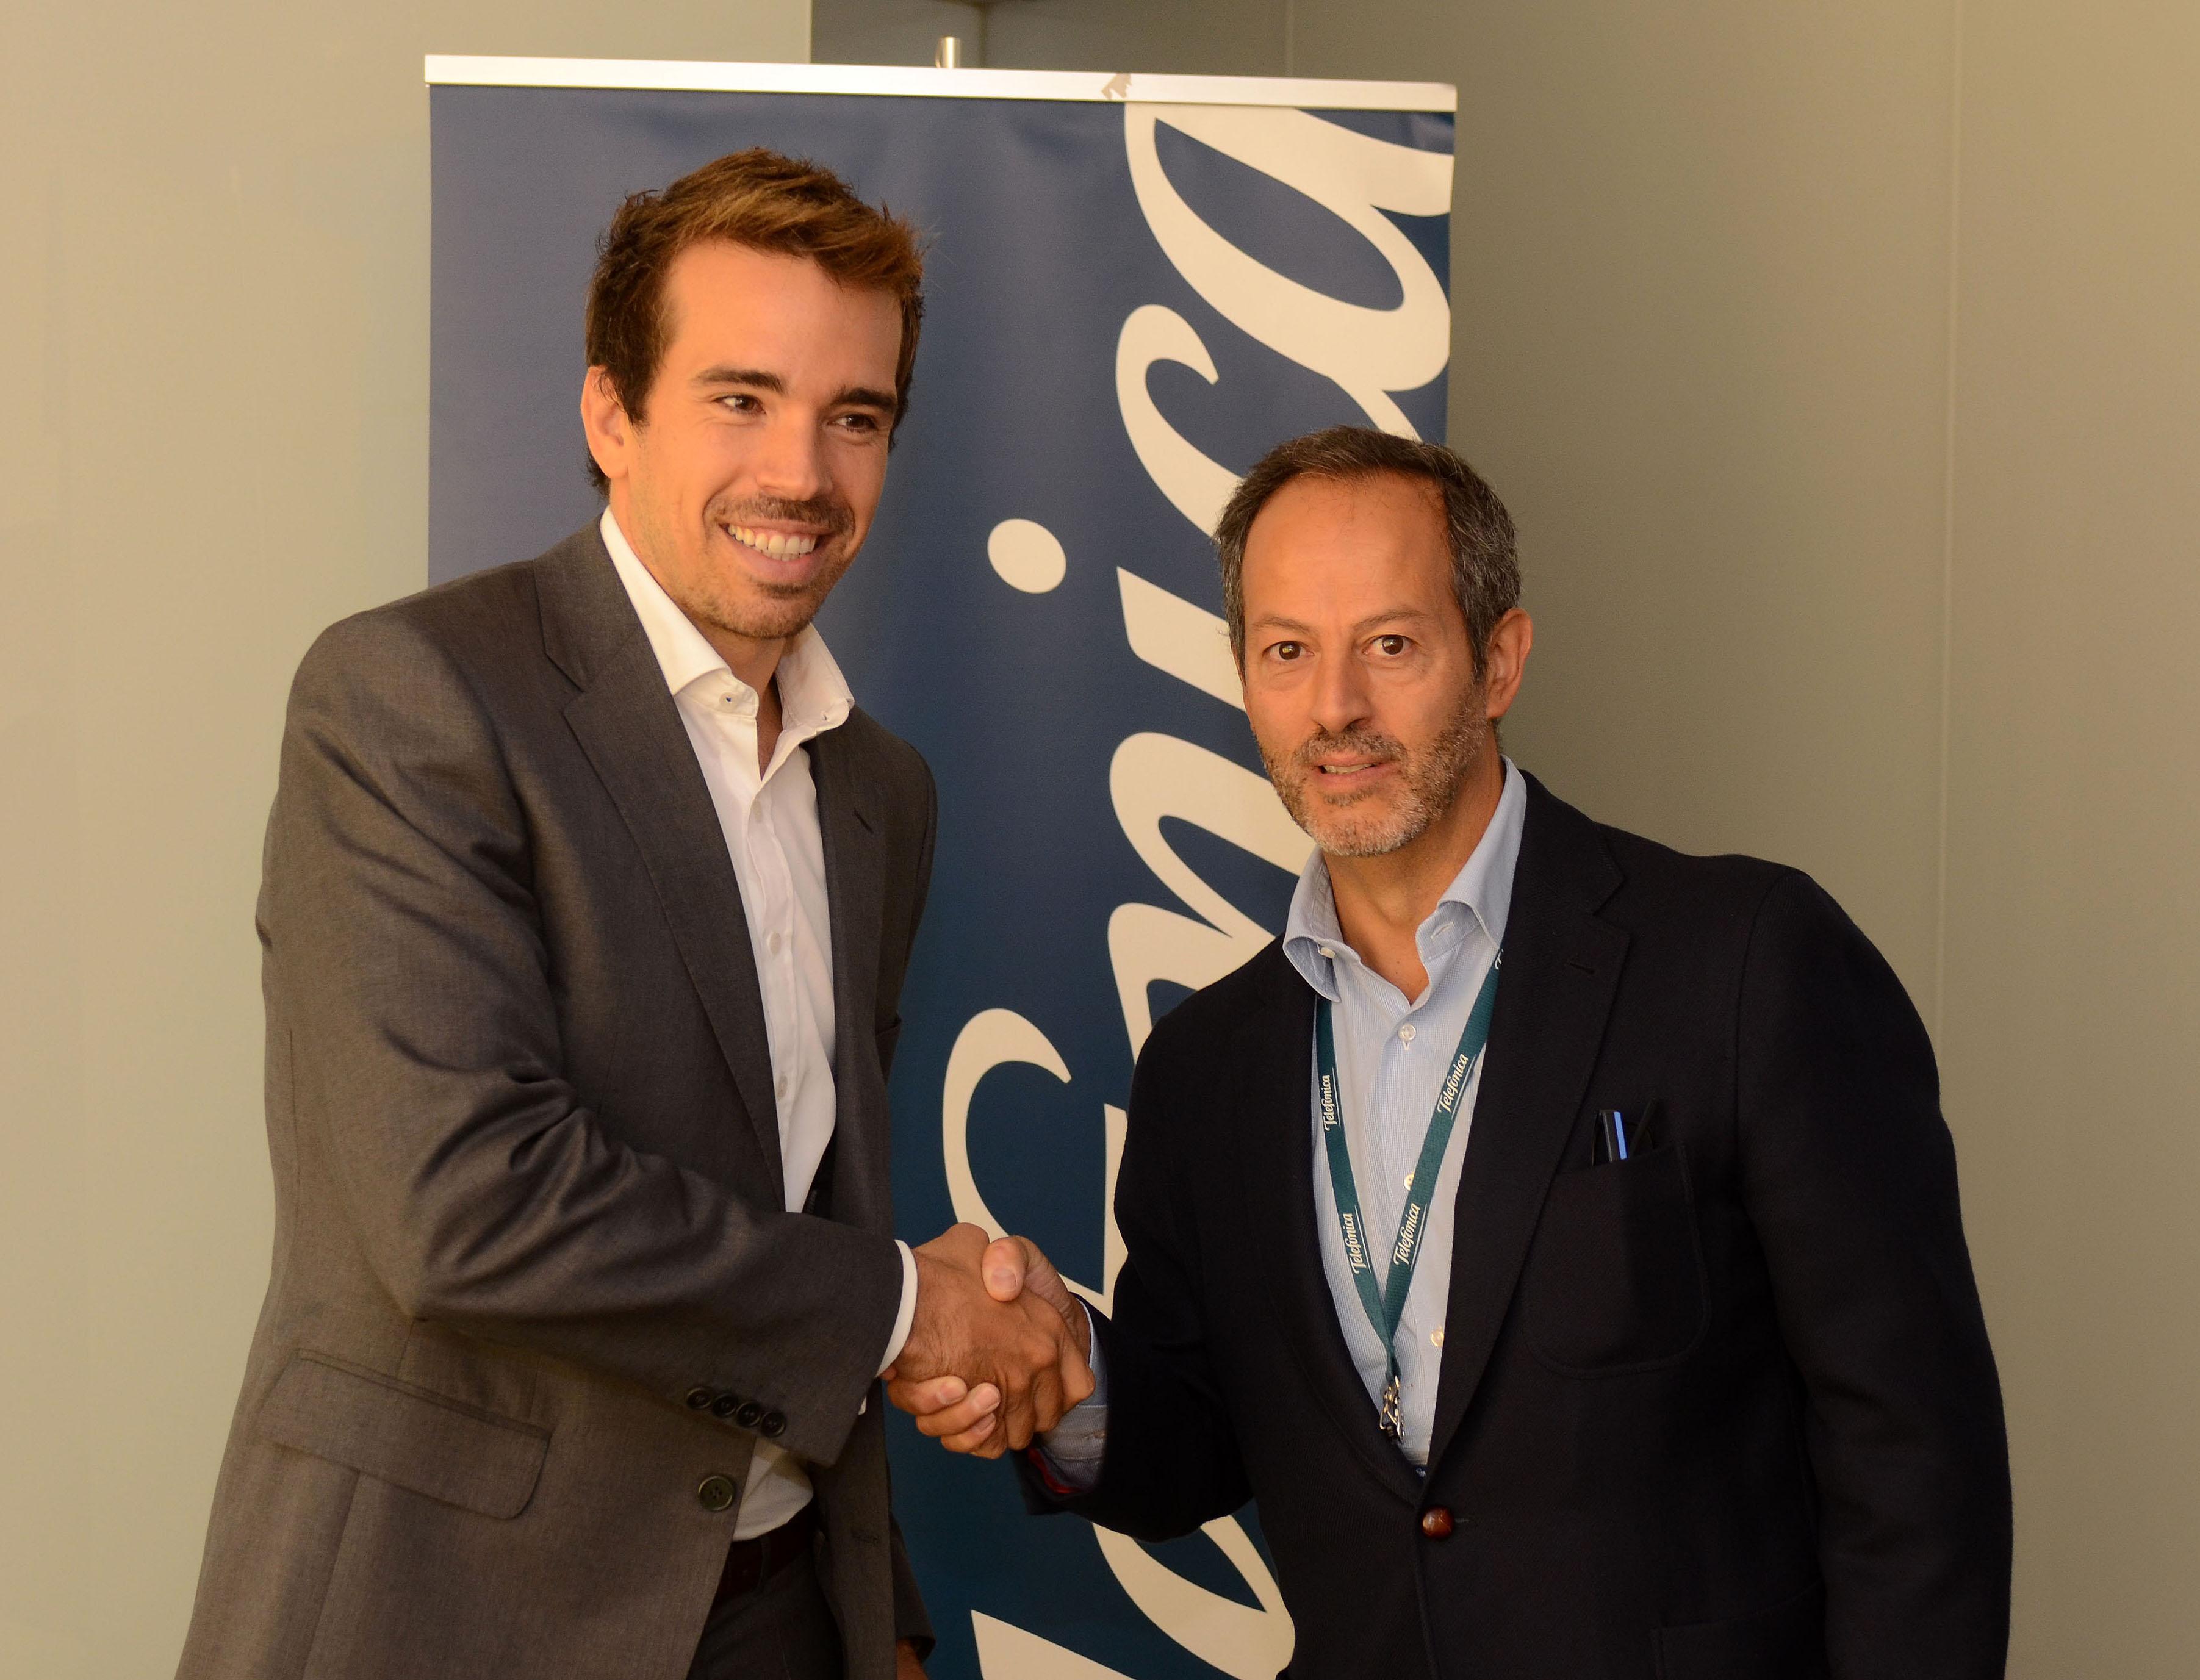 Captio firma un acuerdo comercial con Telefónica para la gestión digital y automatizada de los gastos de empresa